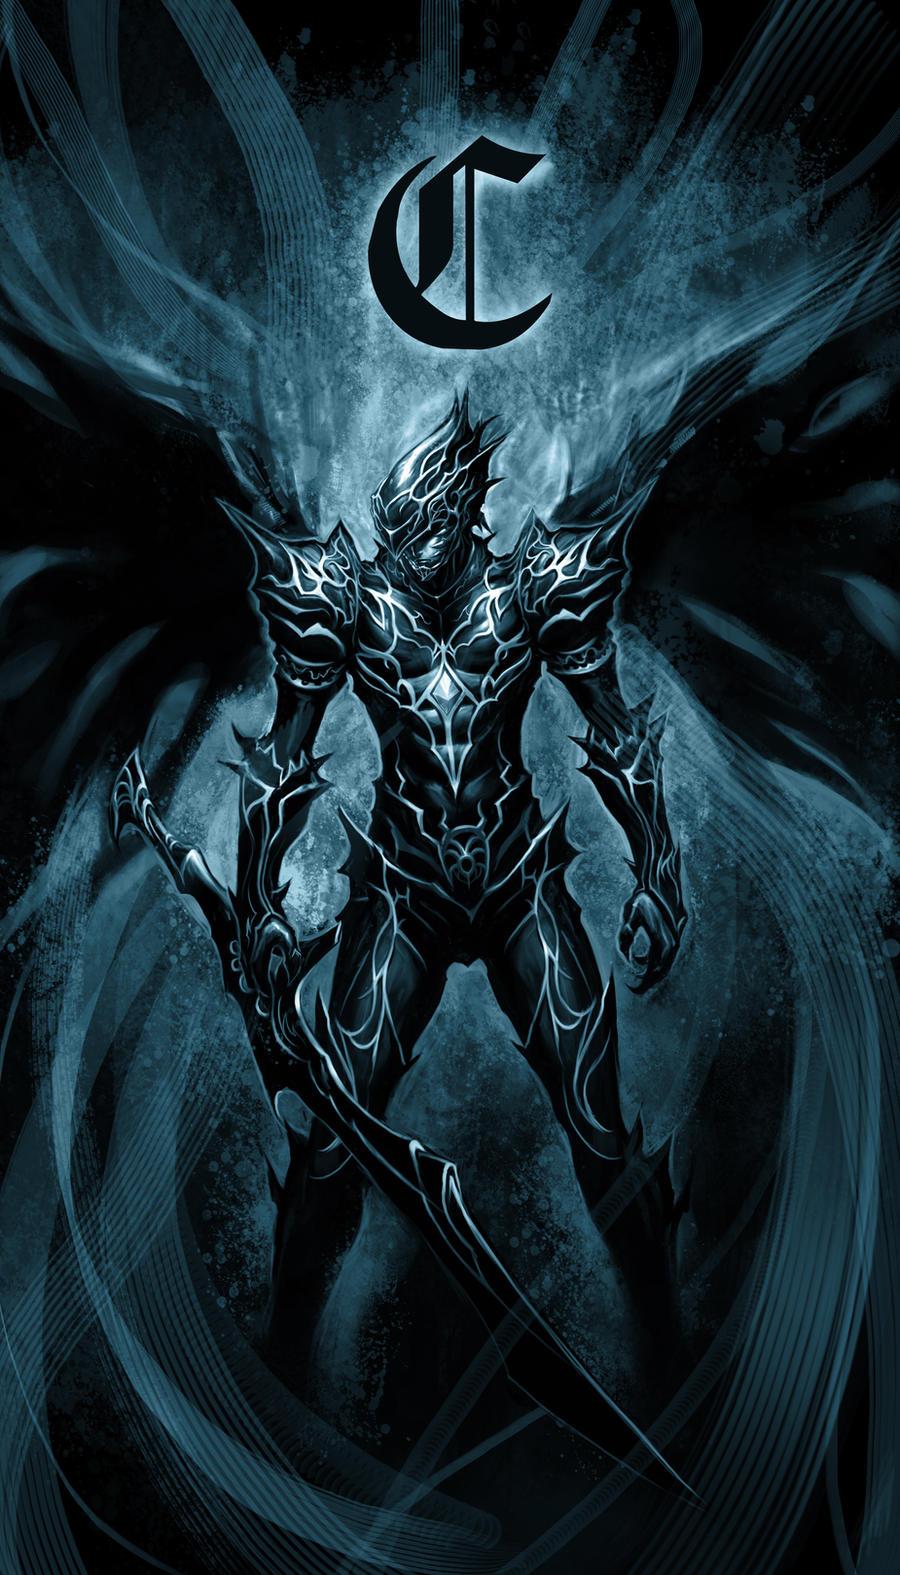 dark knight by chrisnfy85